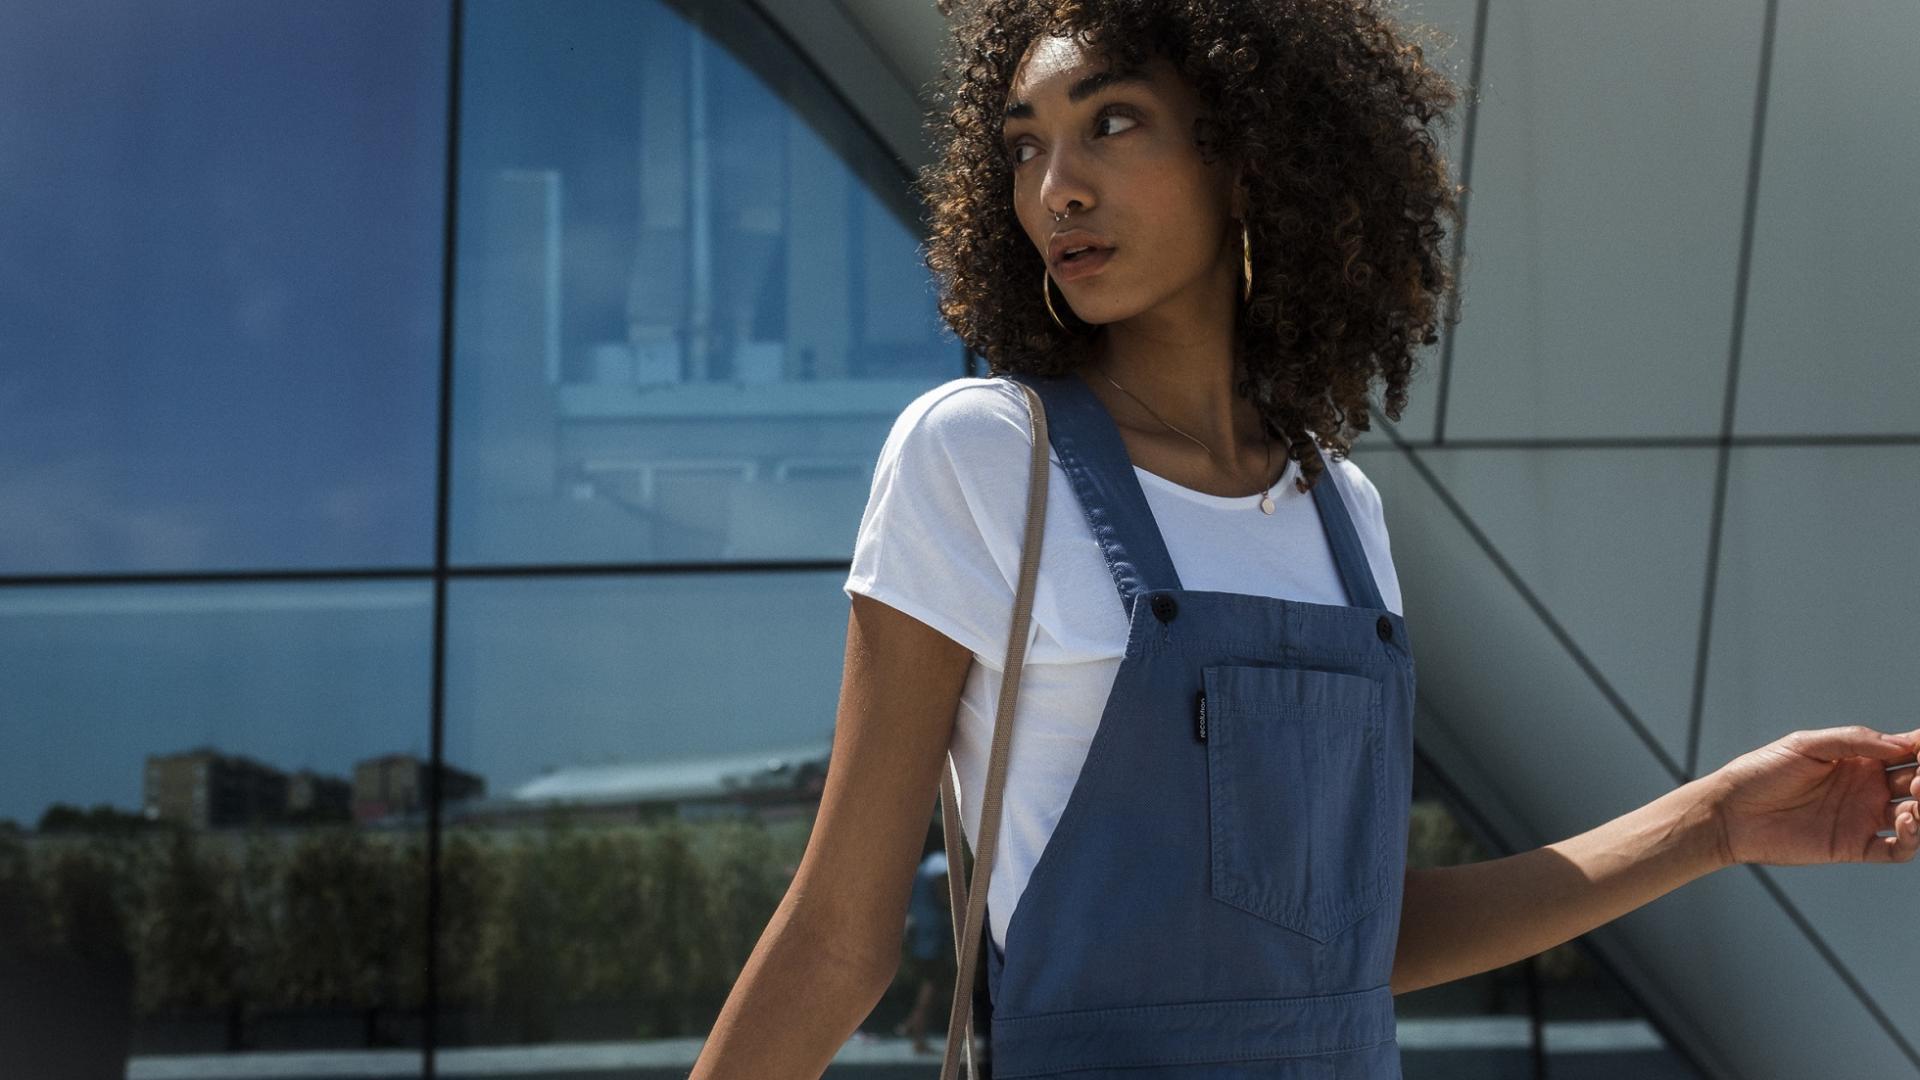 junge Frau mit Afro-Locken und modischer Kleidung vor einem Gebäude